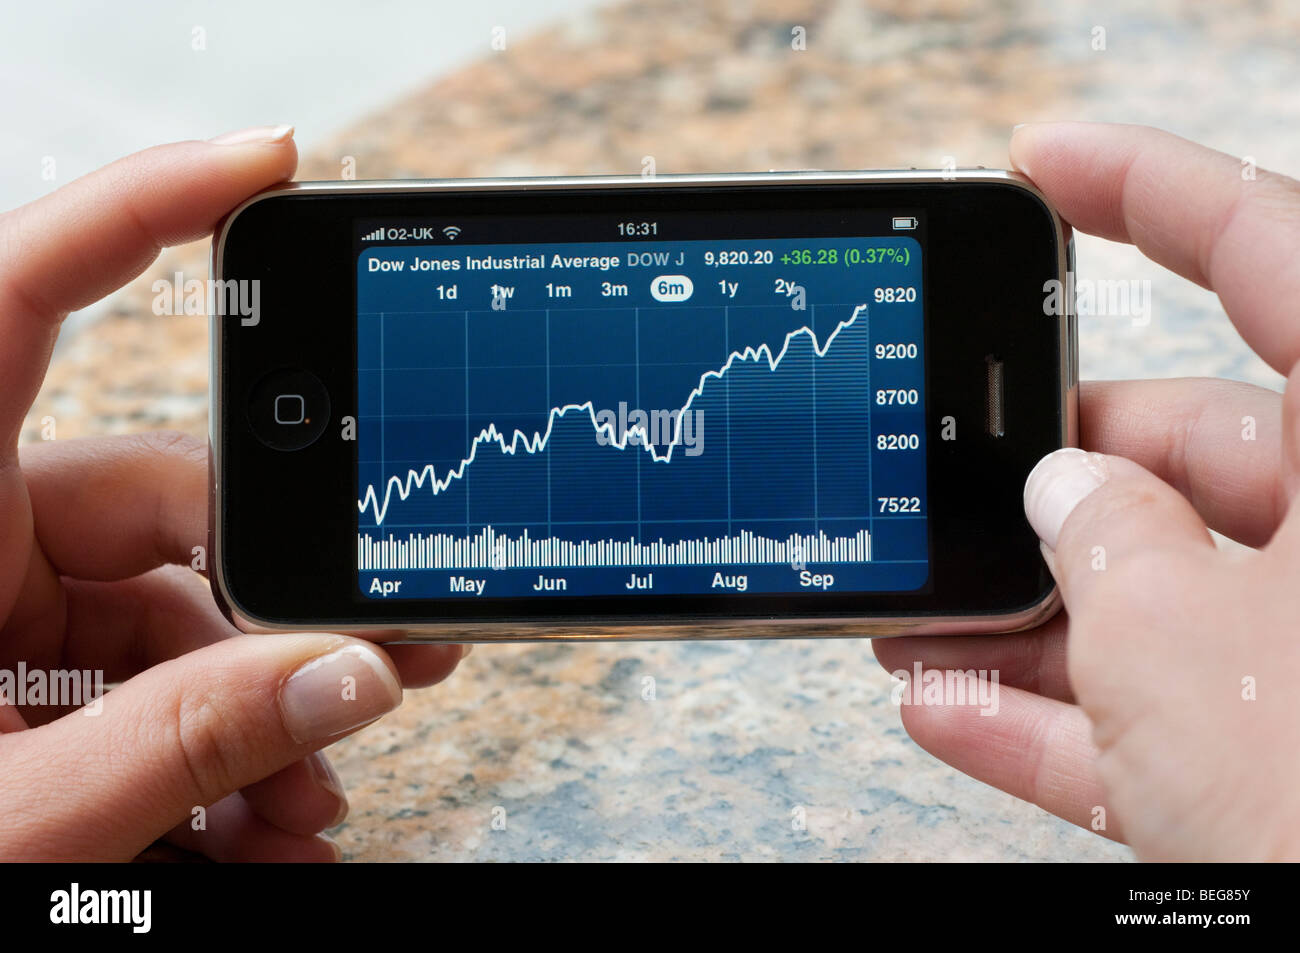 Dow Jones Industrial Average condividono gli aumenti di prezzo su Apple iPhone Immagini Stock